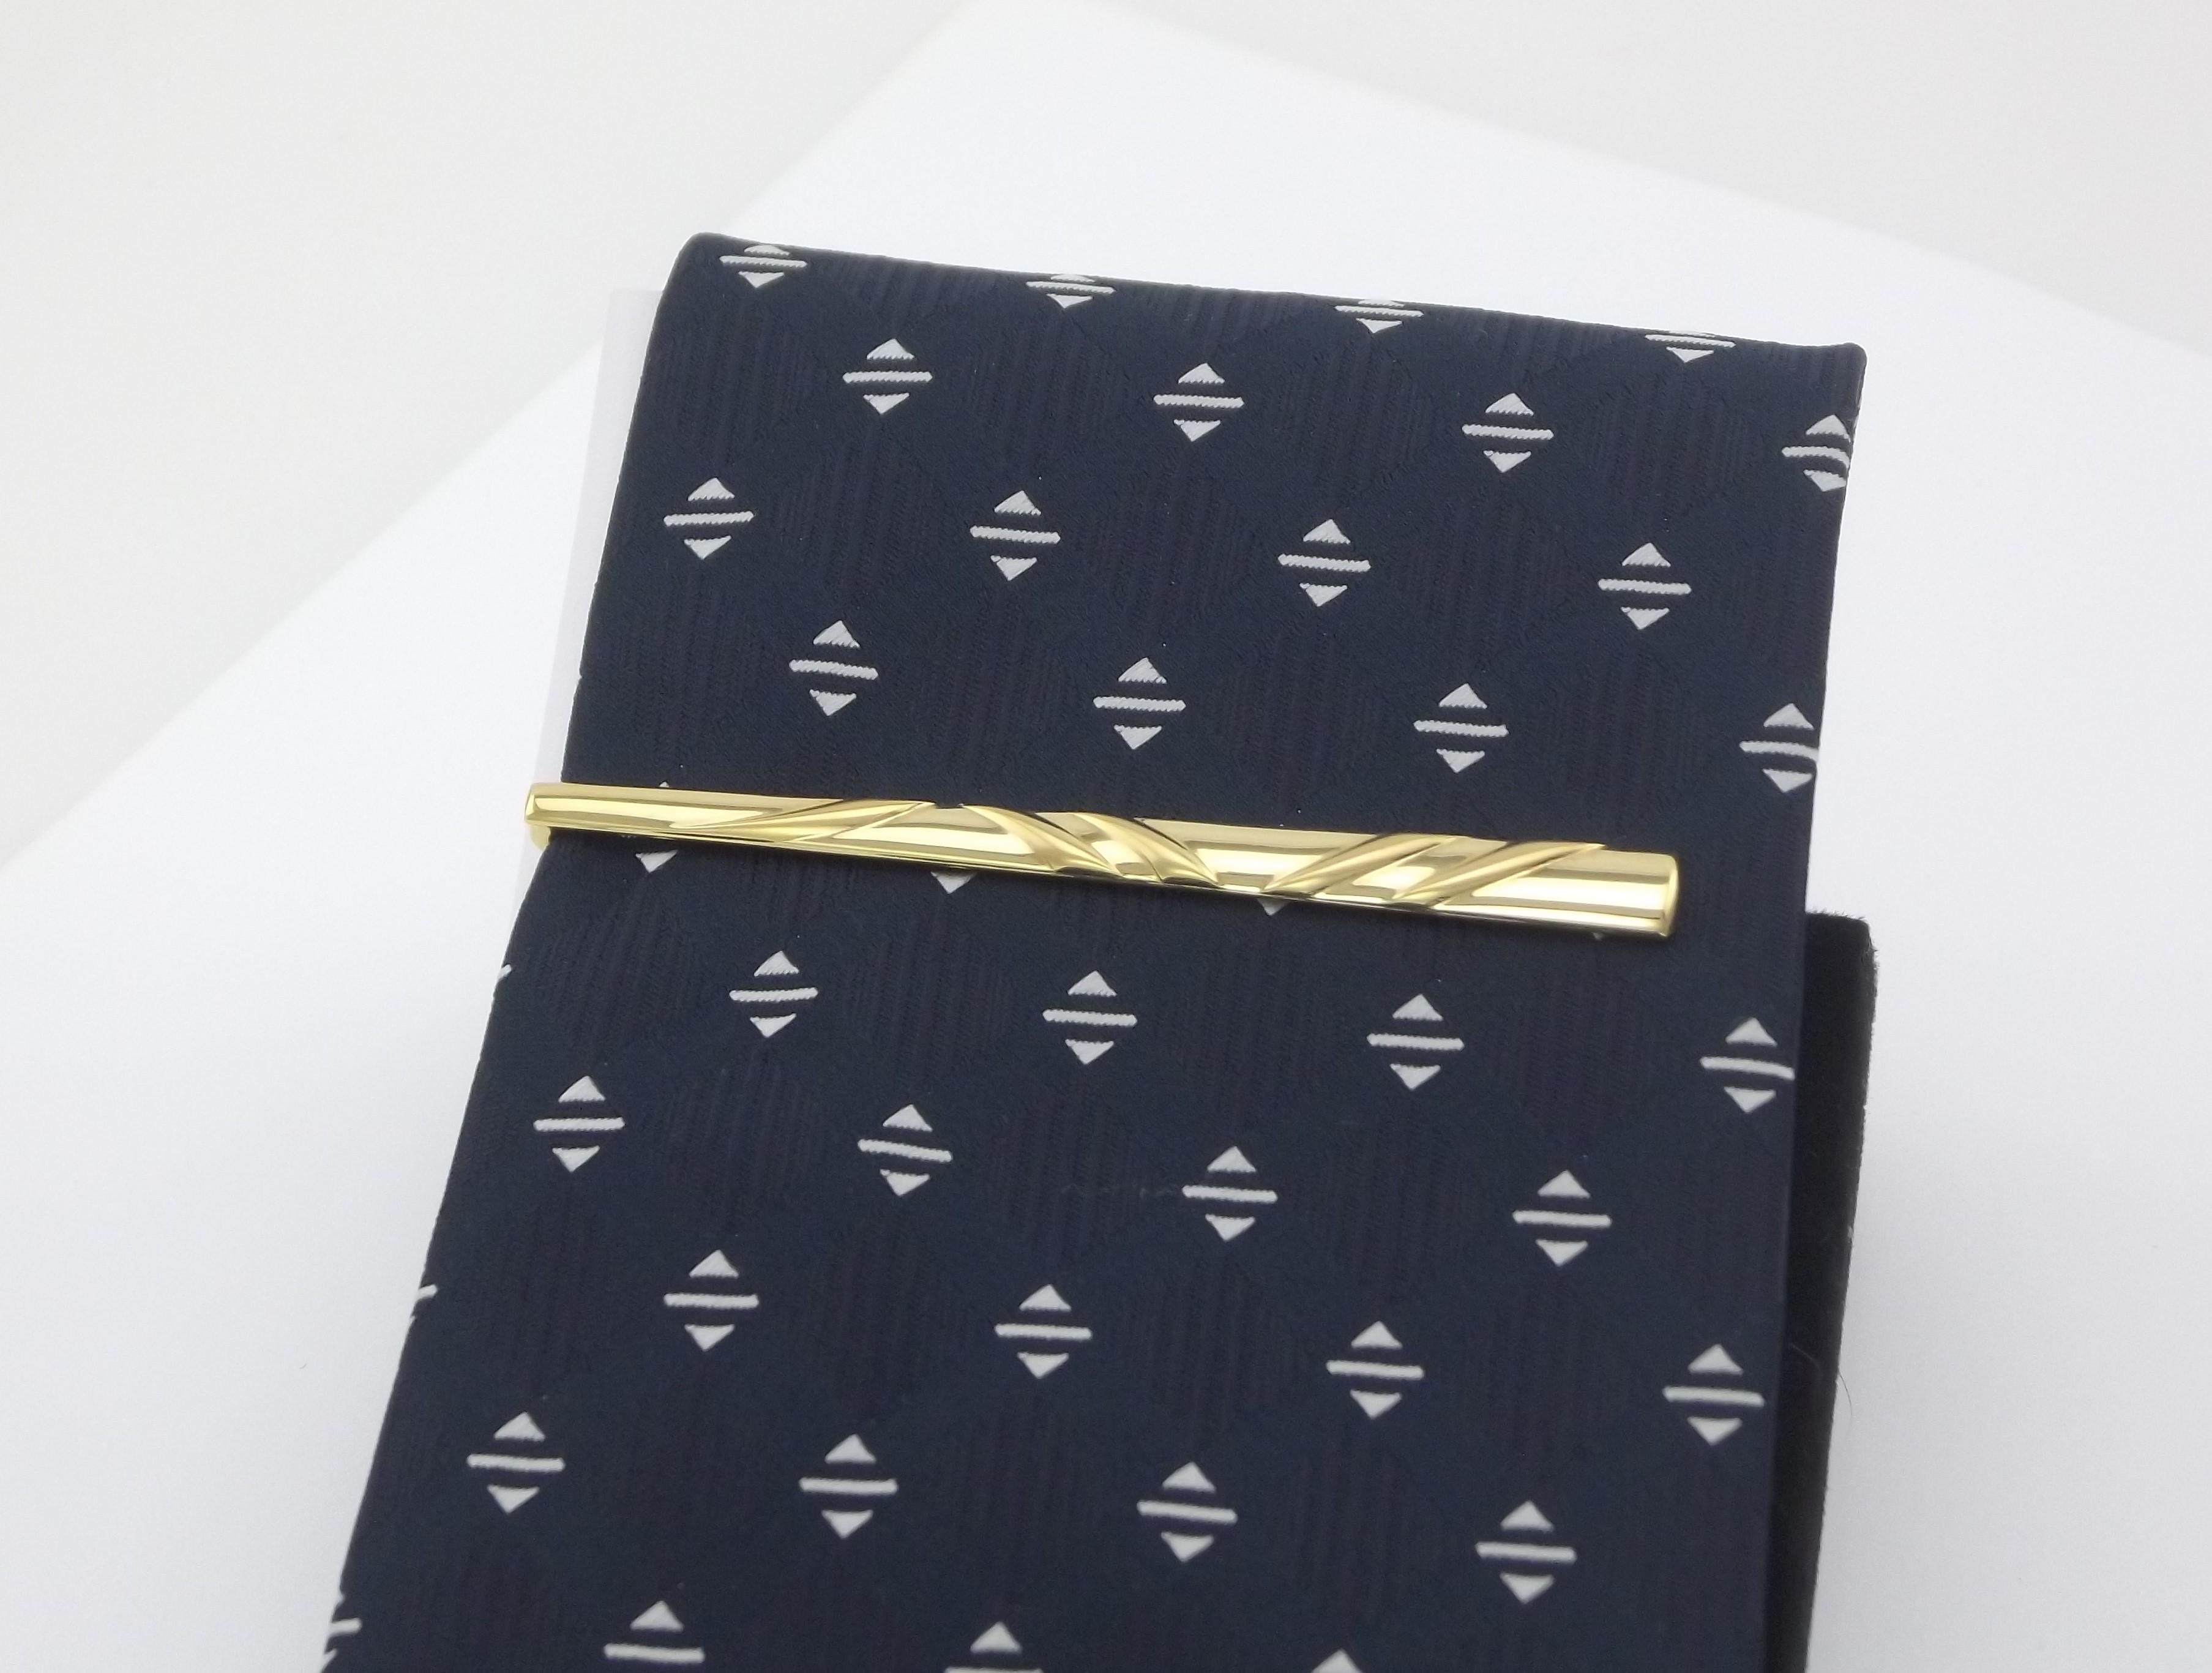 Maskulin Slipsenål i guldsmedekvalitet. Brugte guld slipsenåle til salg. ægte guld slipseklemmer til mænd sælges billigt.